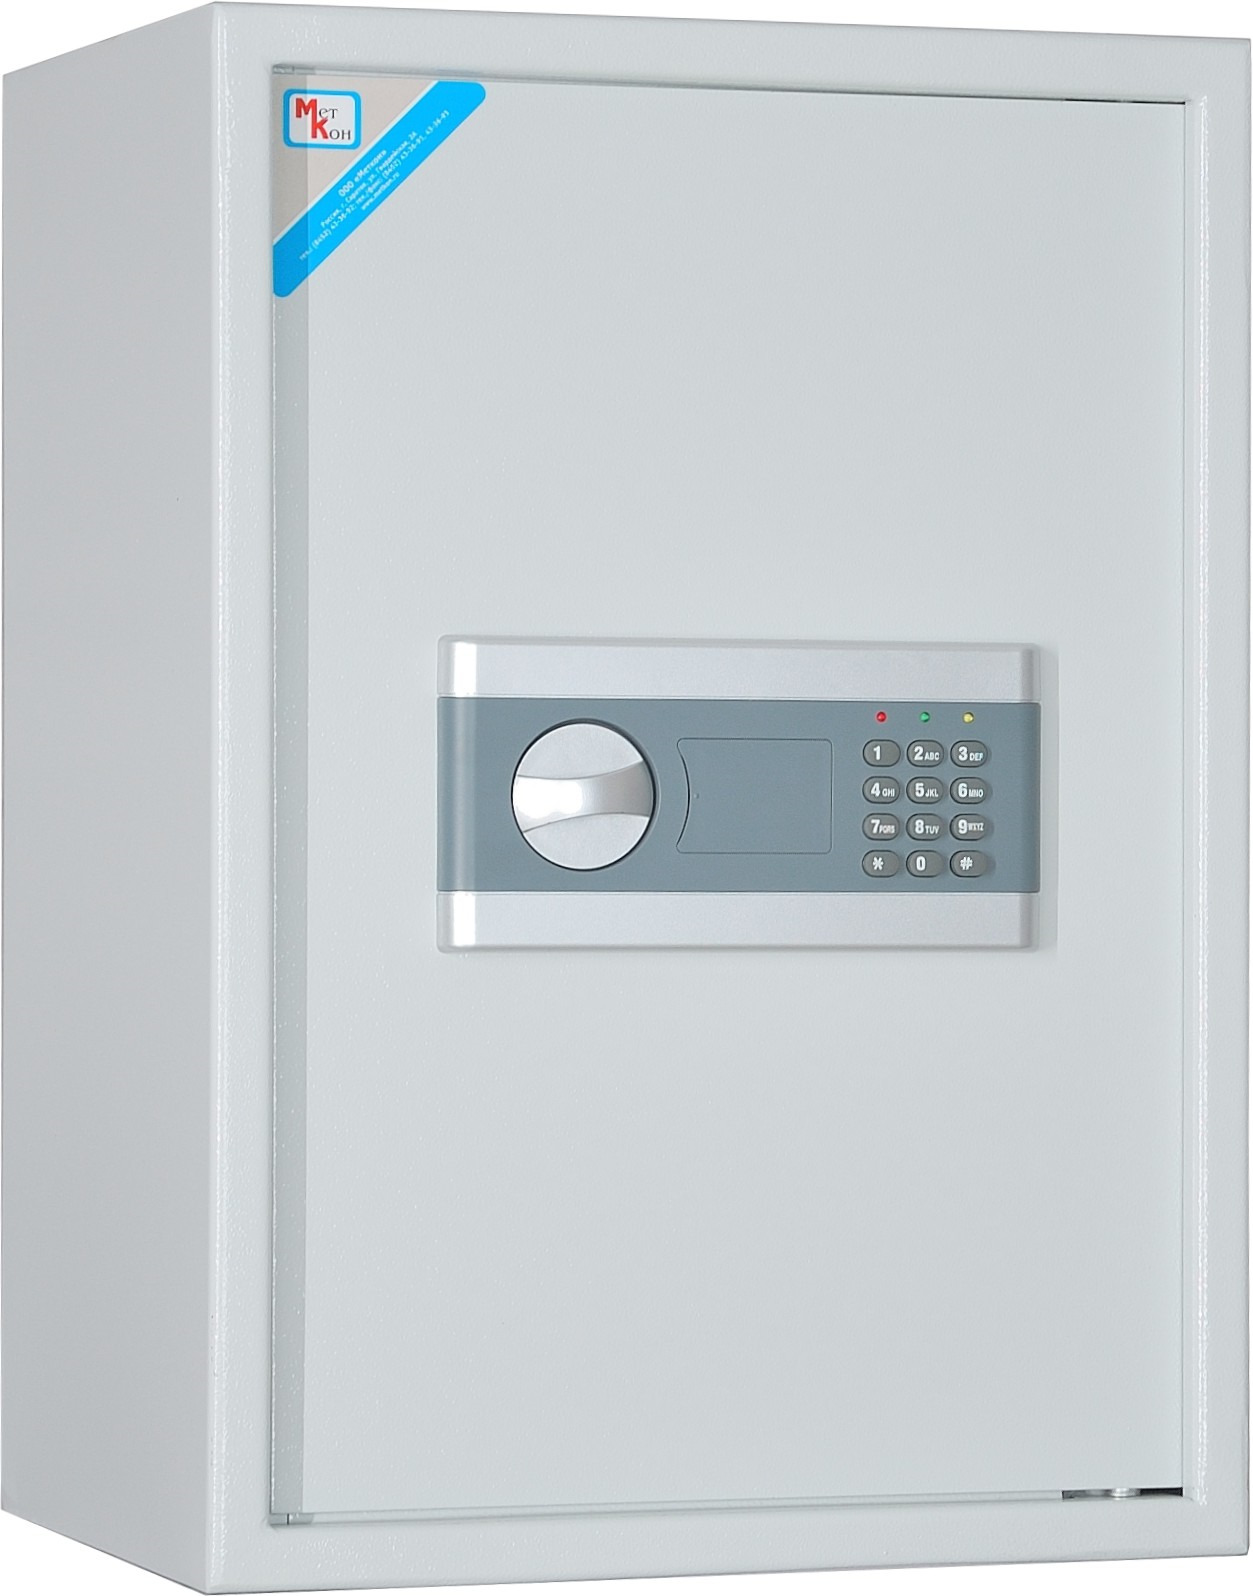 Шкаф мебельный Меткон ШМ-50Э, серый, 50 х 35 х 31 см